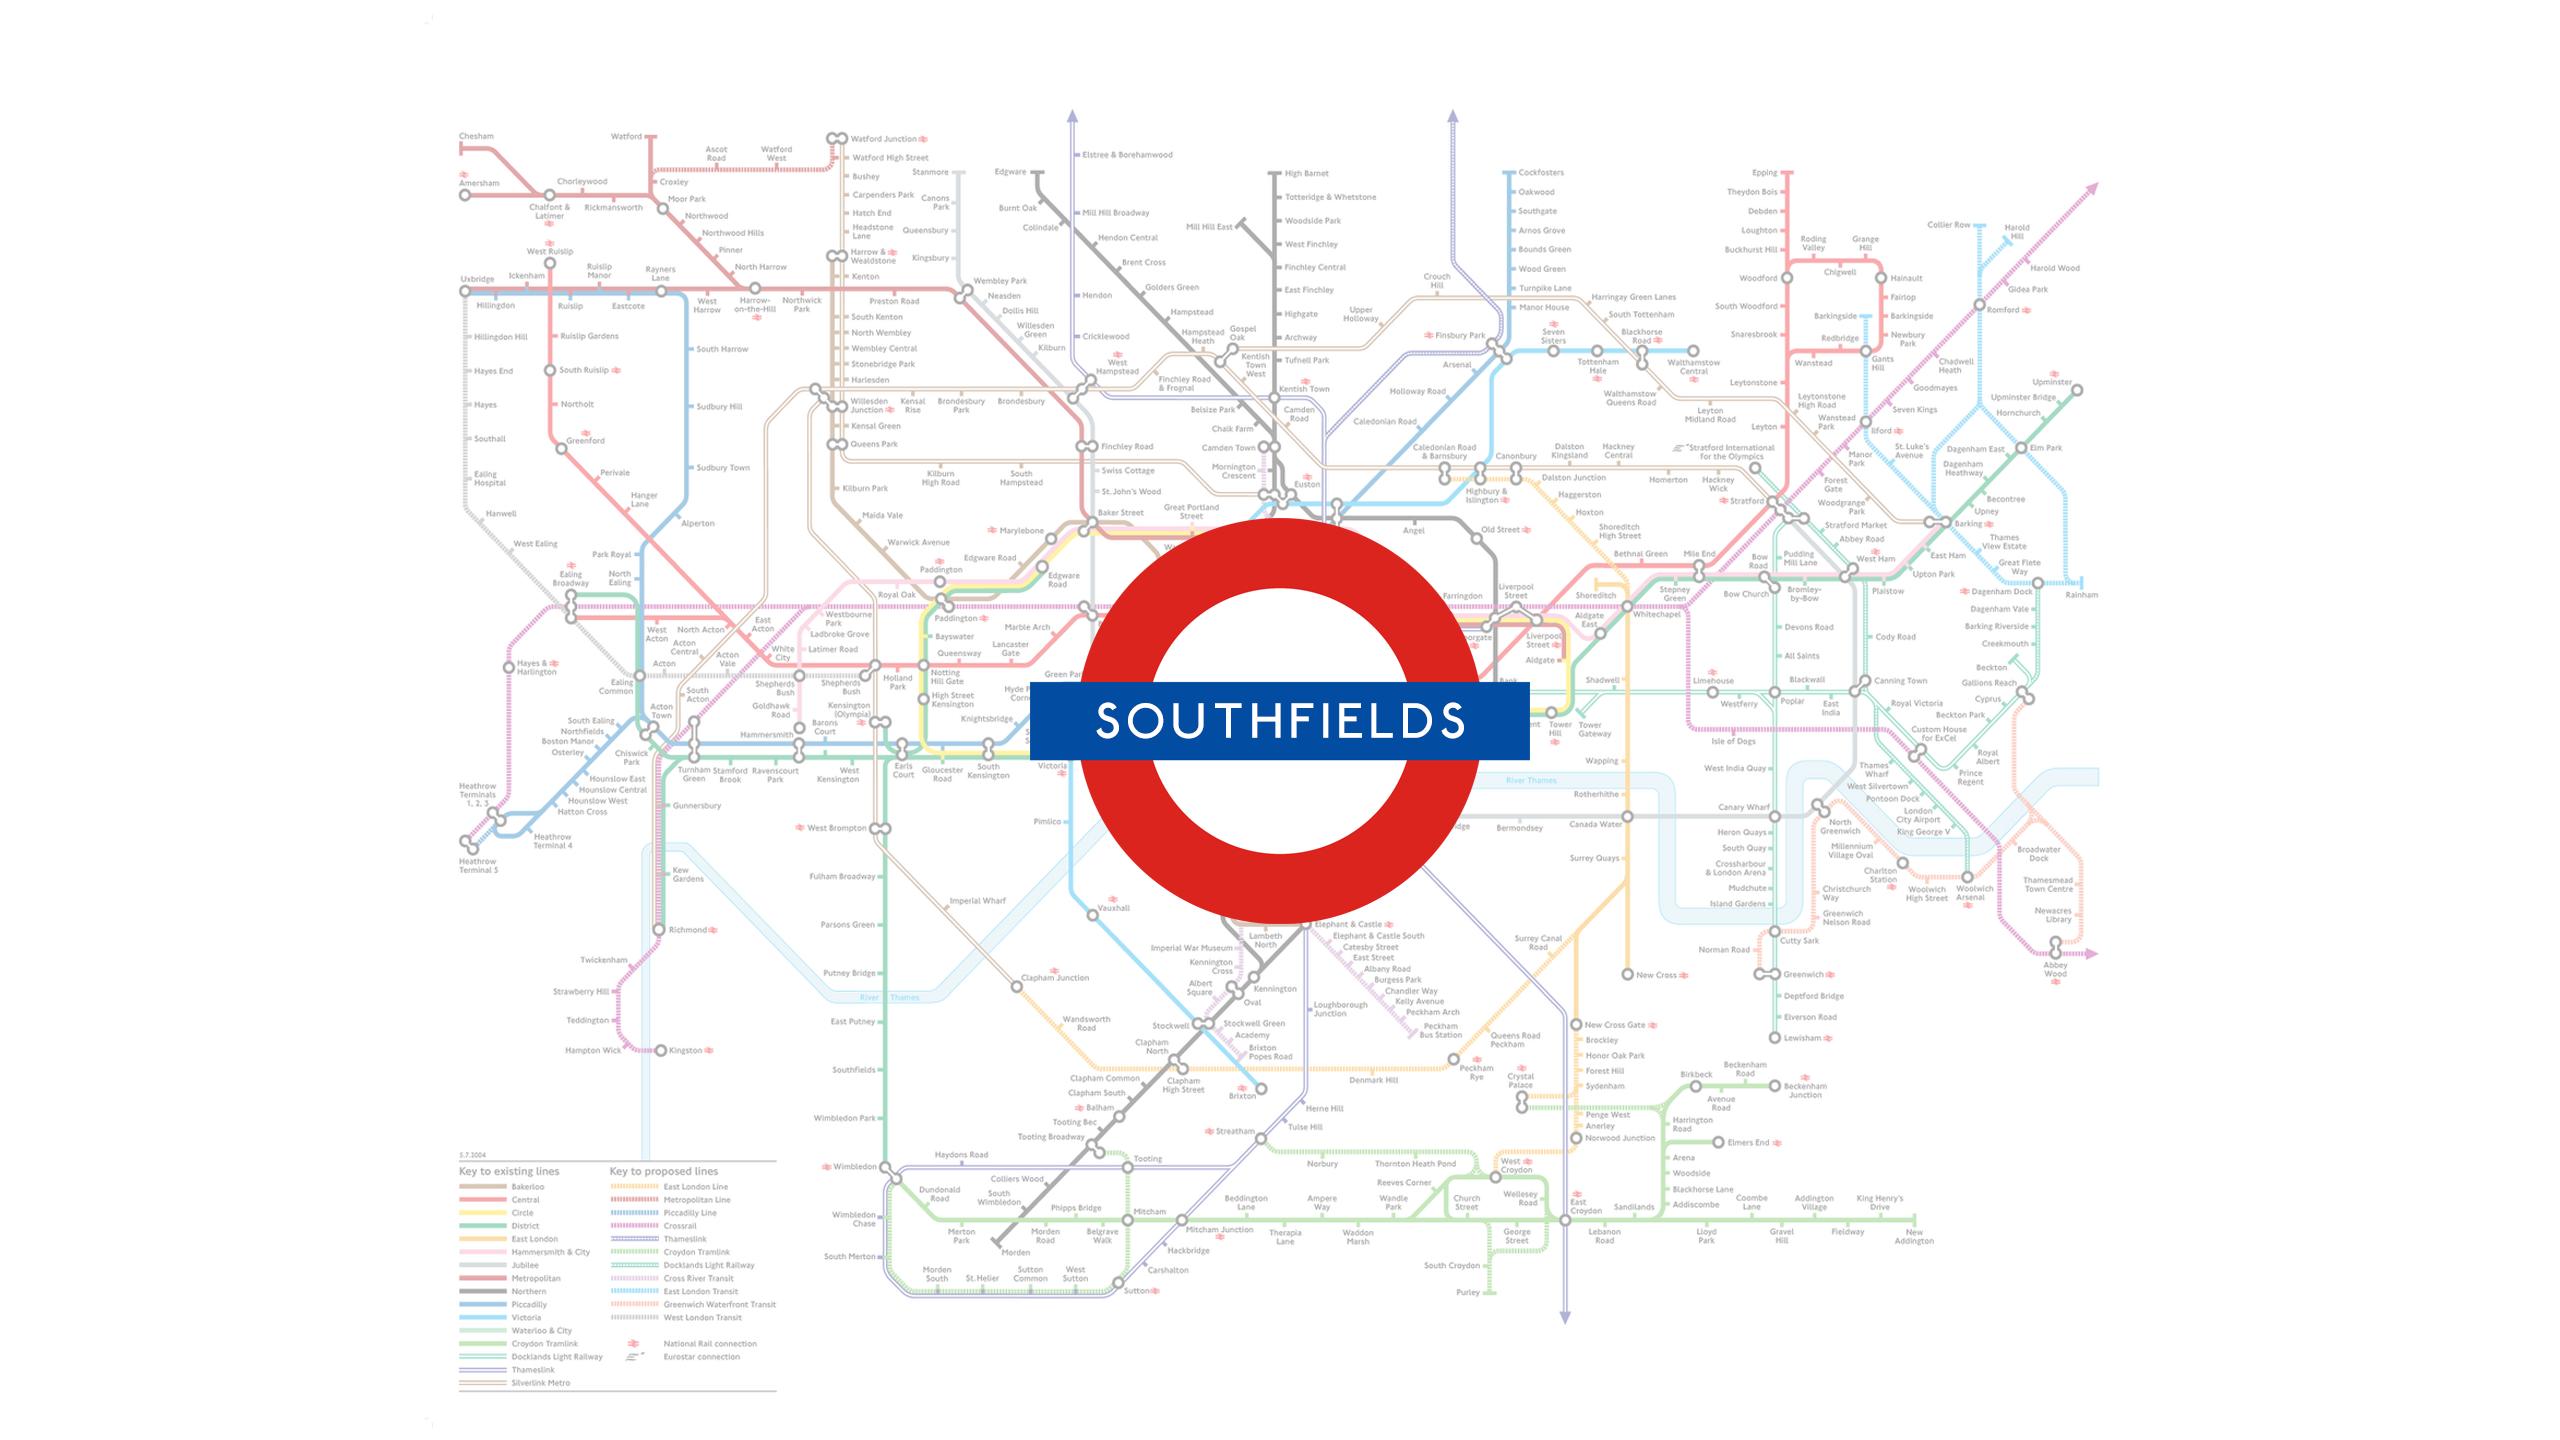 Southfields (Map)